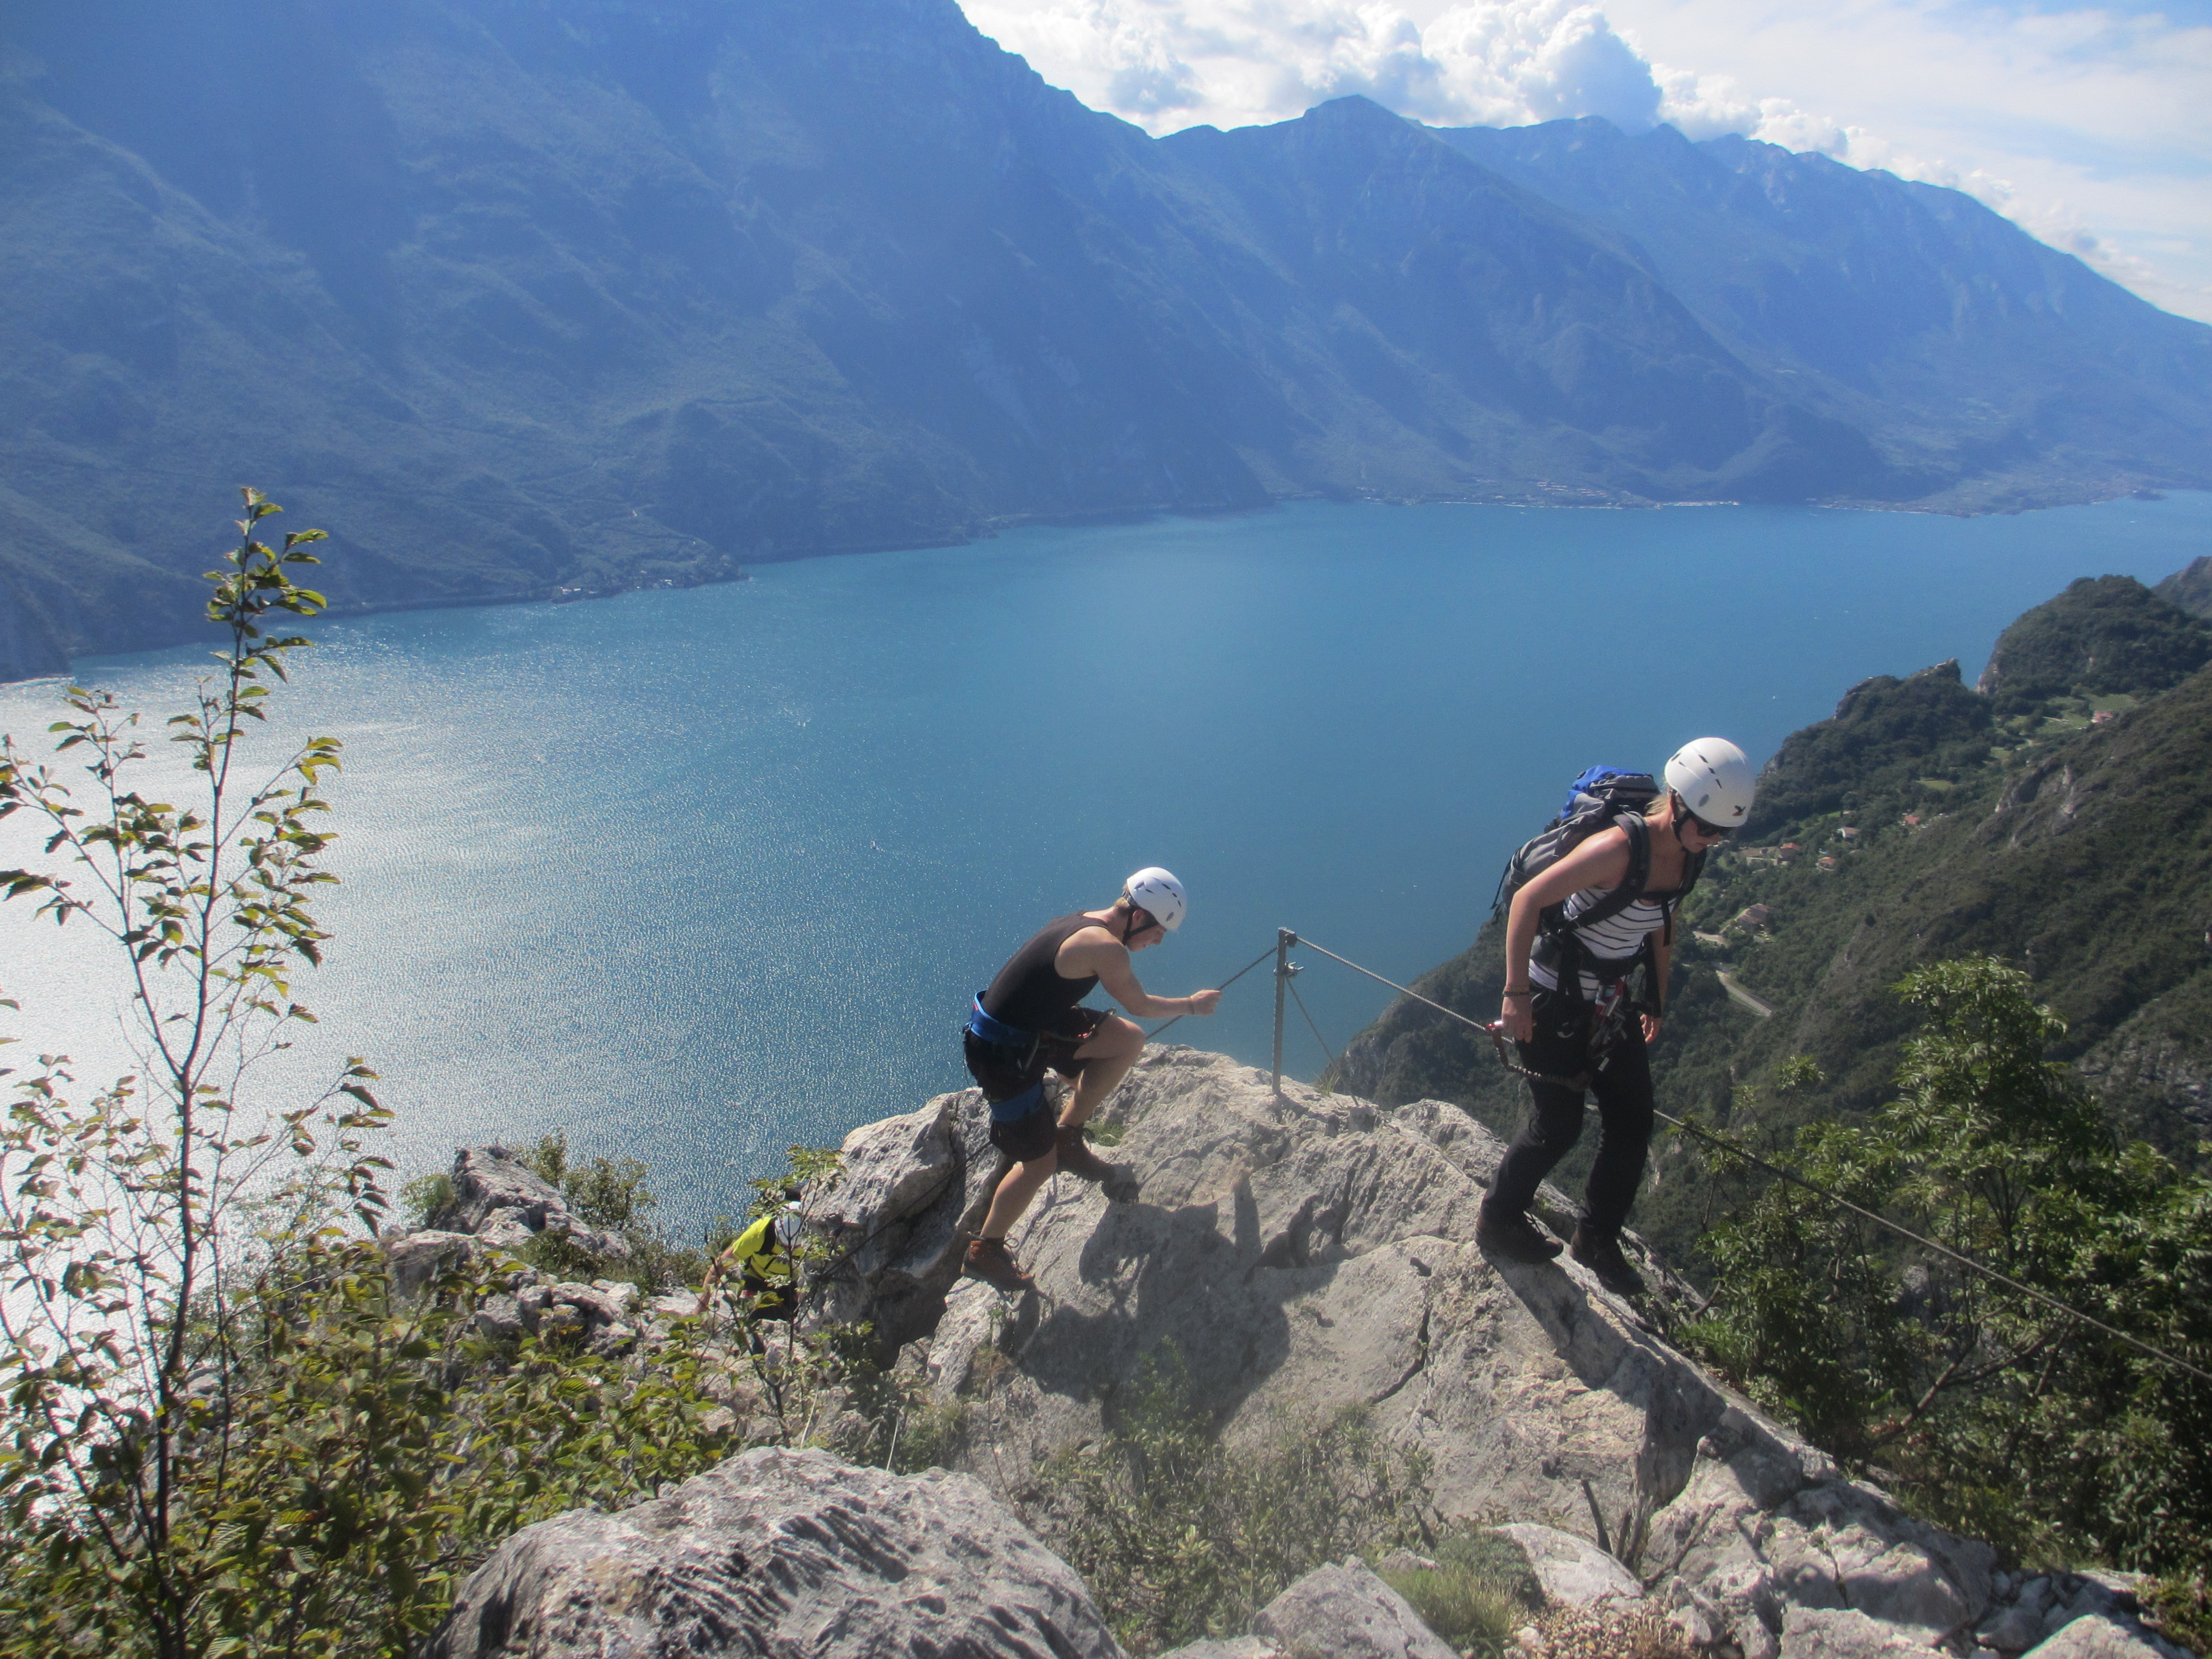 Klettersteig Arco : Klettersteig woche in arco am gardasee